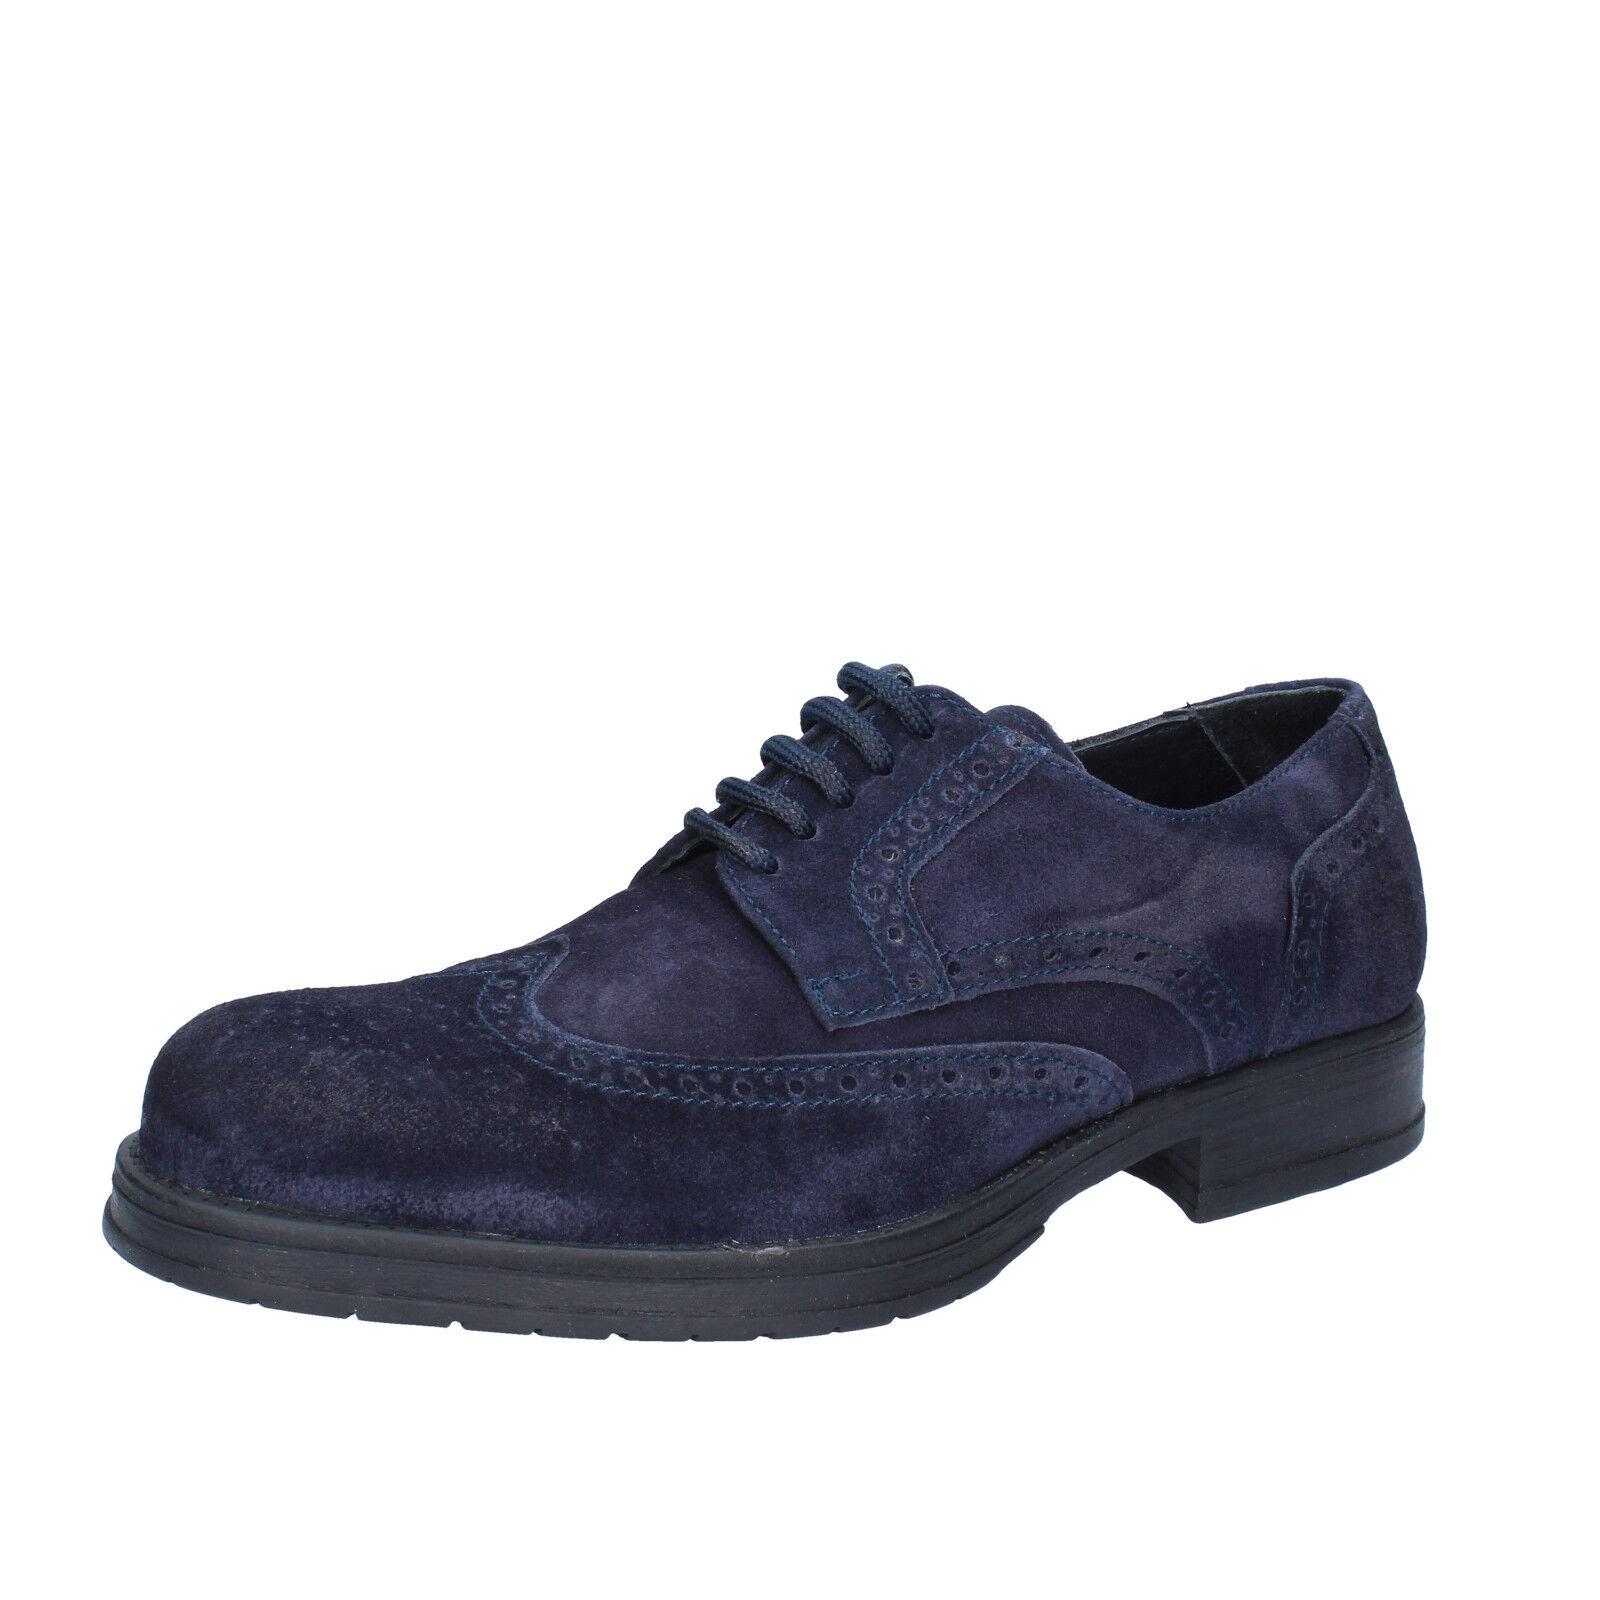 Mens shoes SALVO BARONE 6 (EU 40) elegant bluee suede BZ162-B